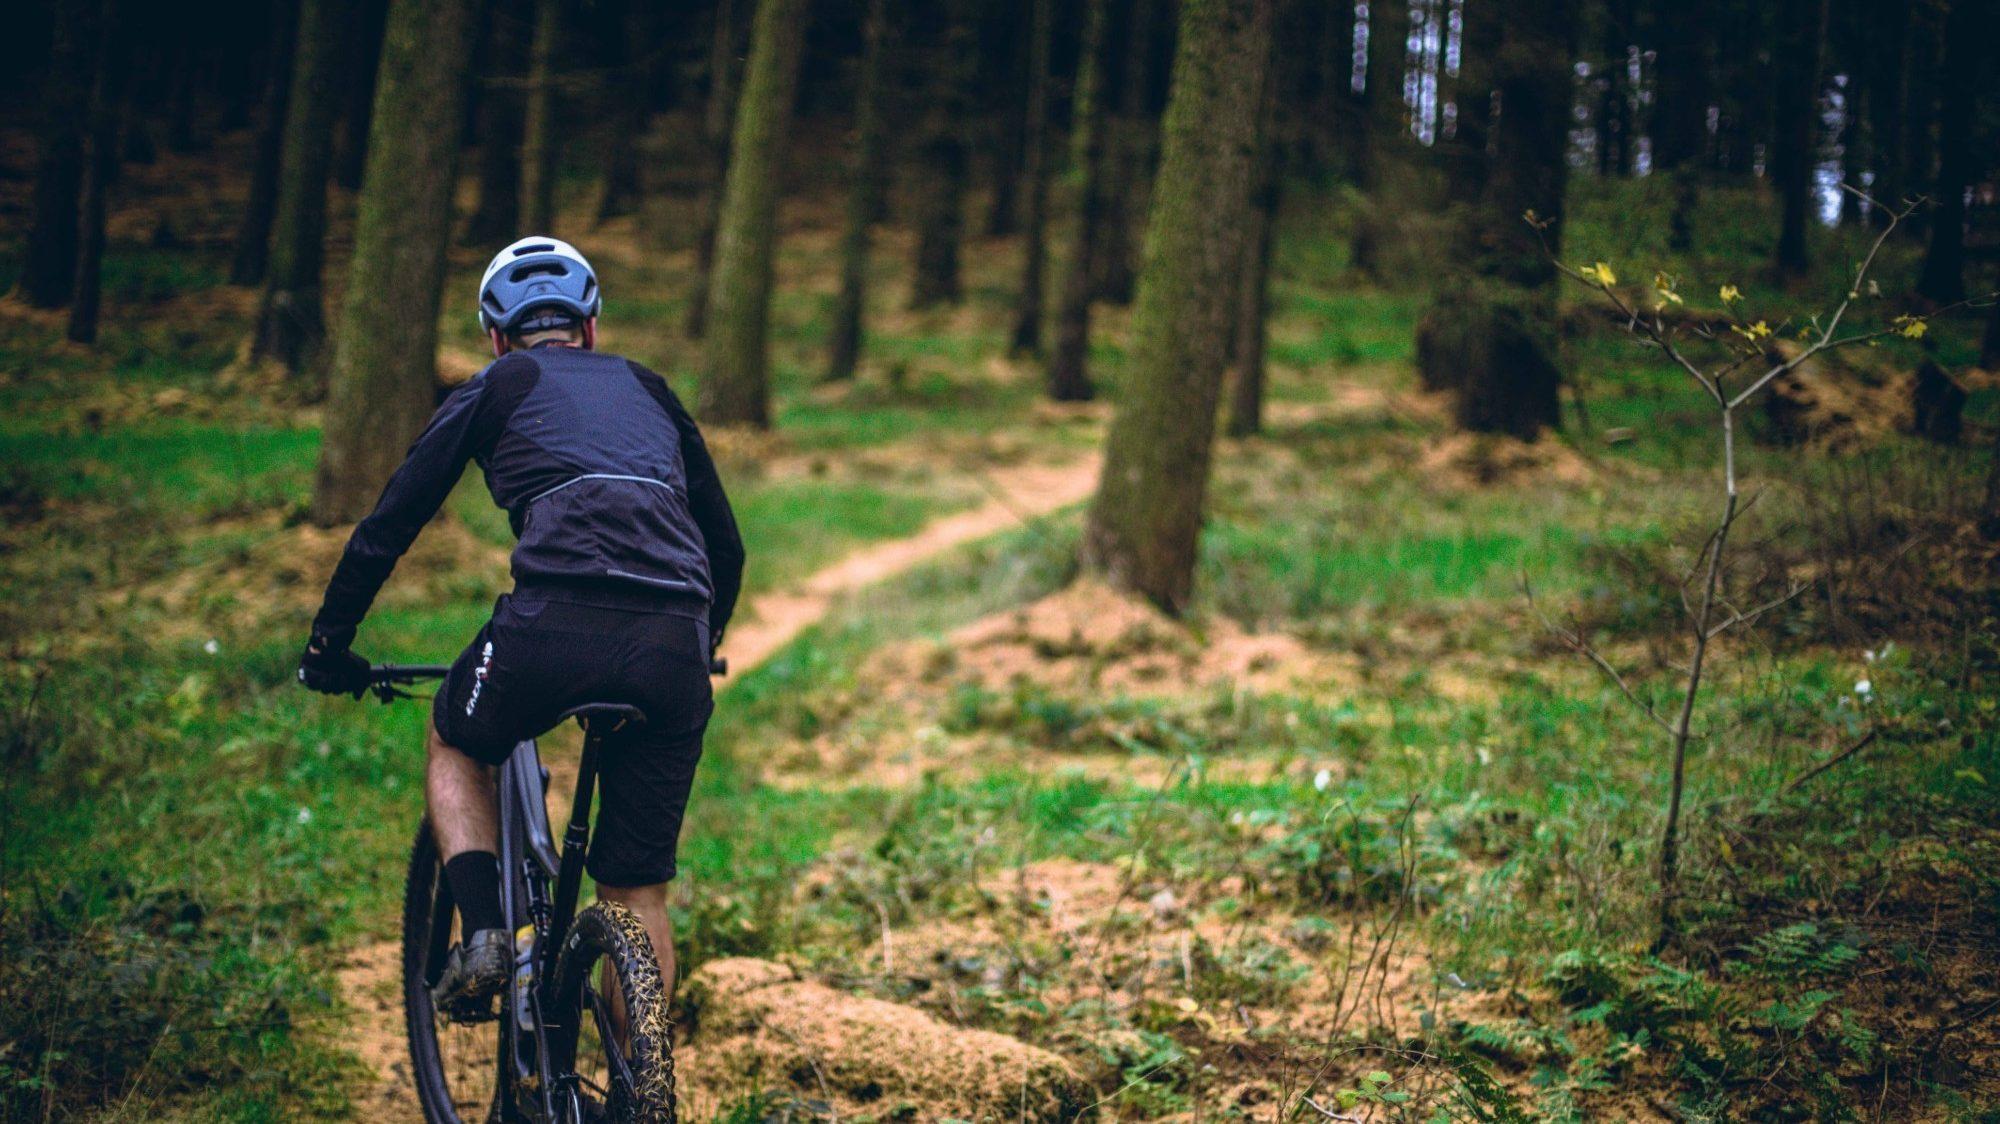 Cyclist on a mountain biking trail